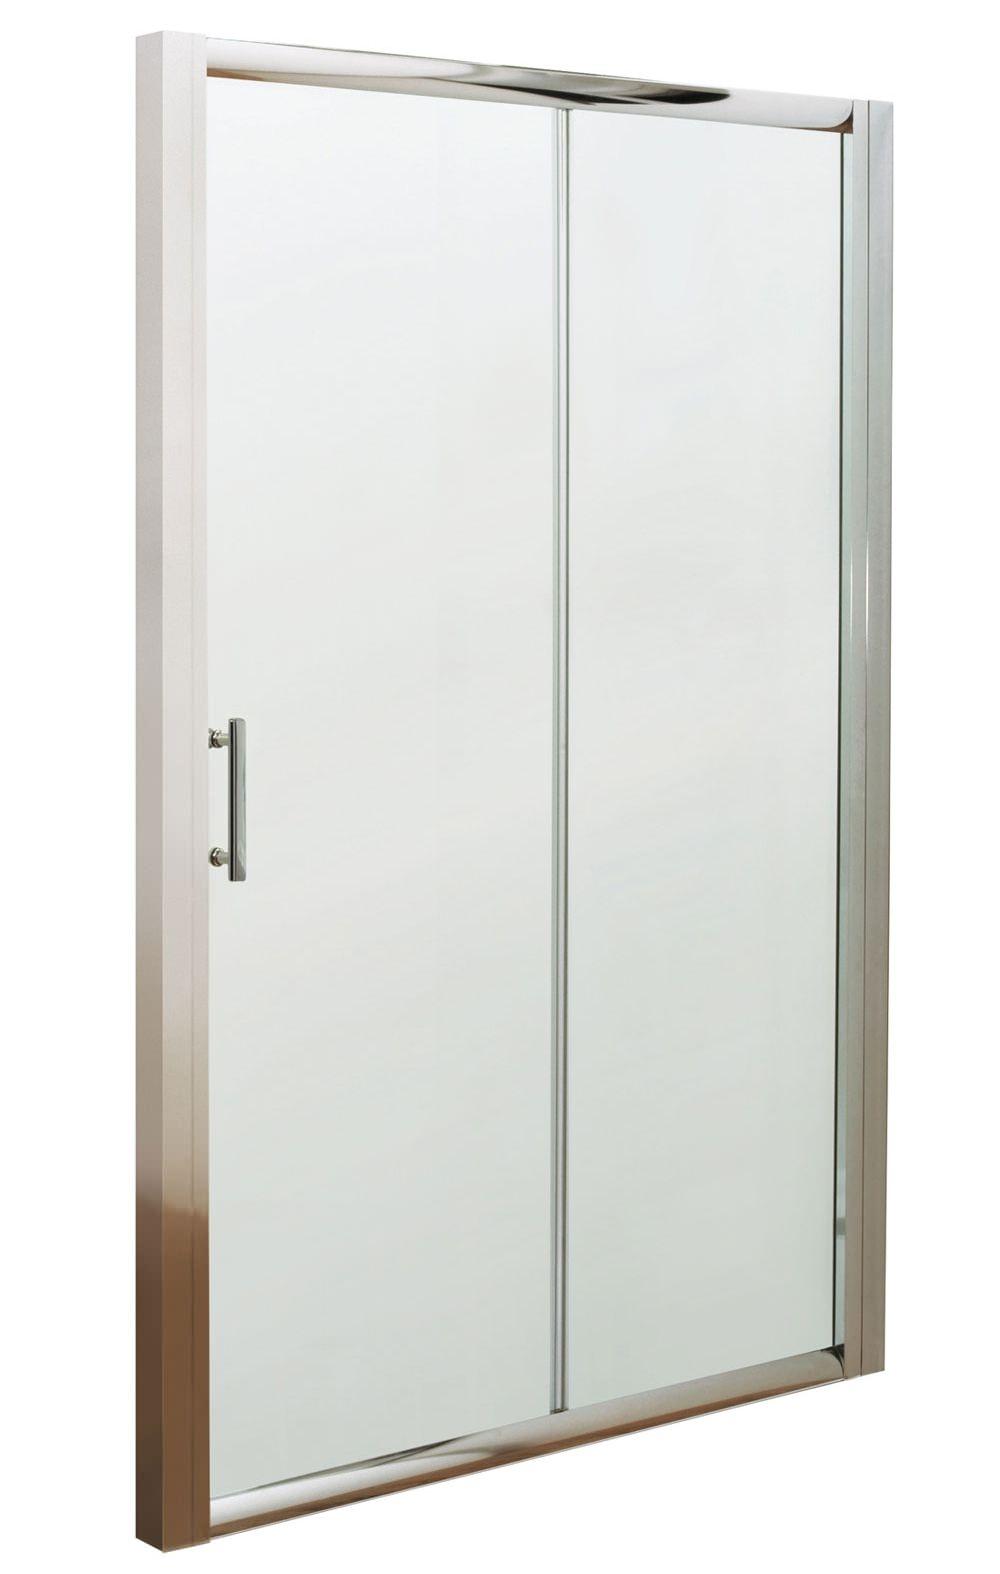 Beo framed single sliding shower door 1000mm for 1000mm sliding shower door